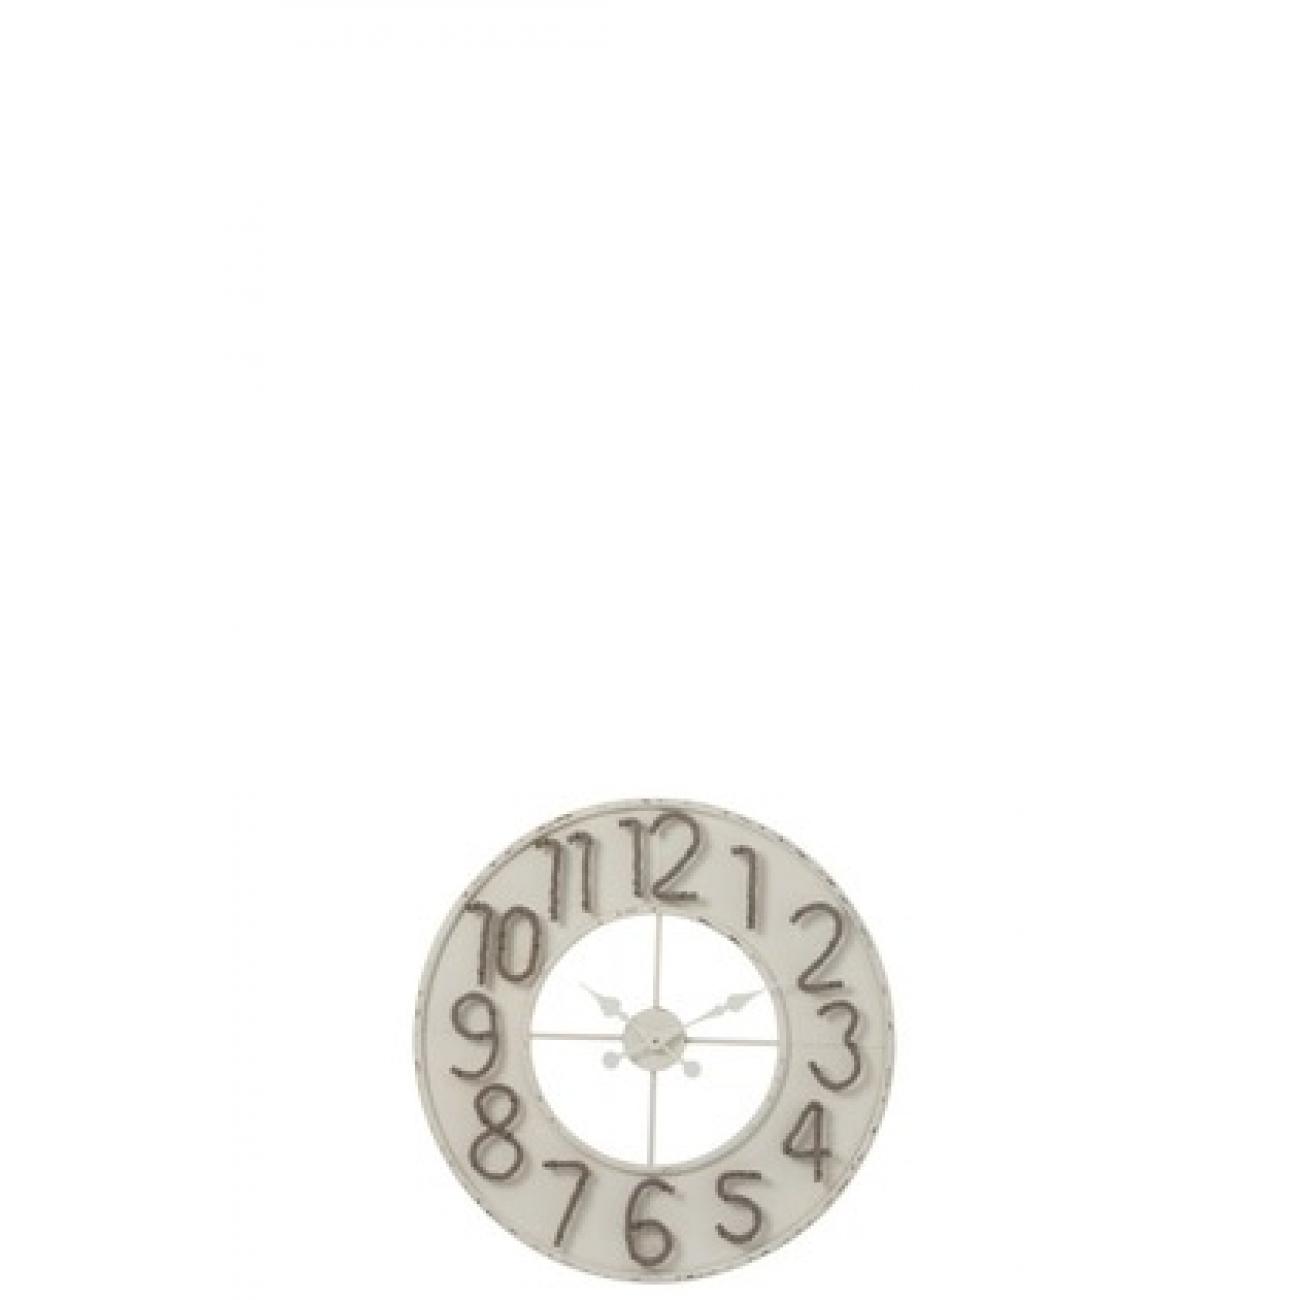 Настенные часы J-LINE белые круглые в металлическом корпусе с цифрами из тонкого каната диаметр 60 см